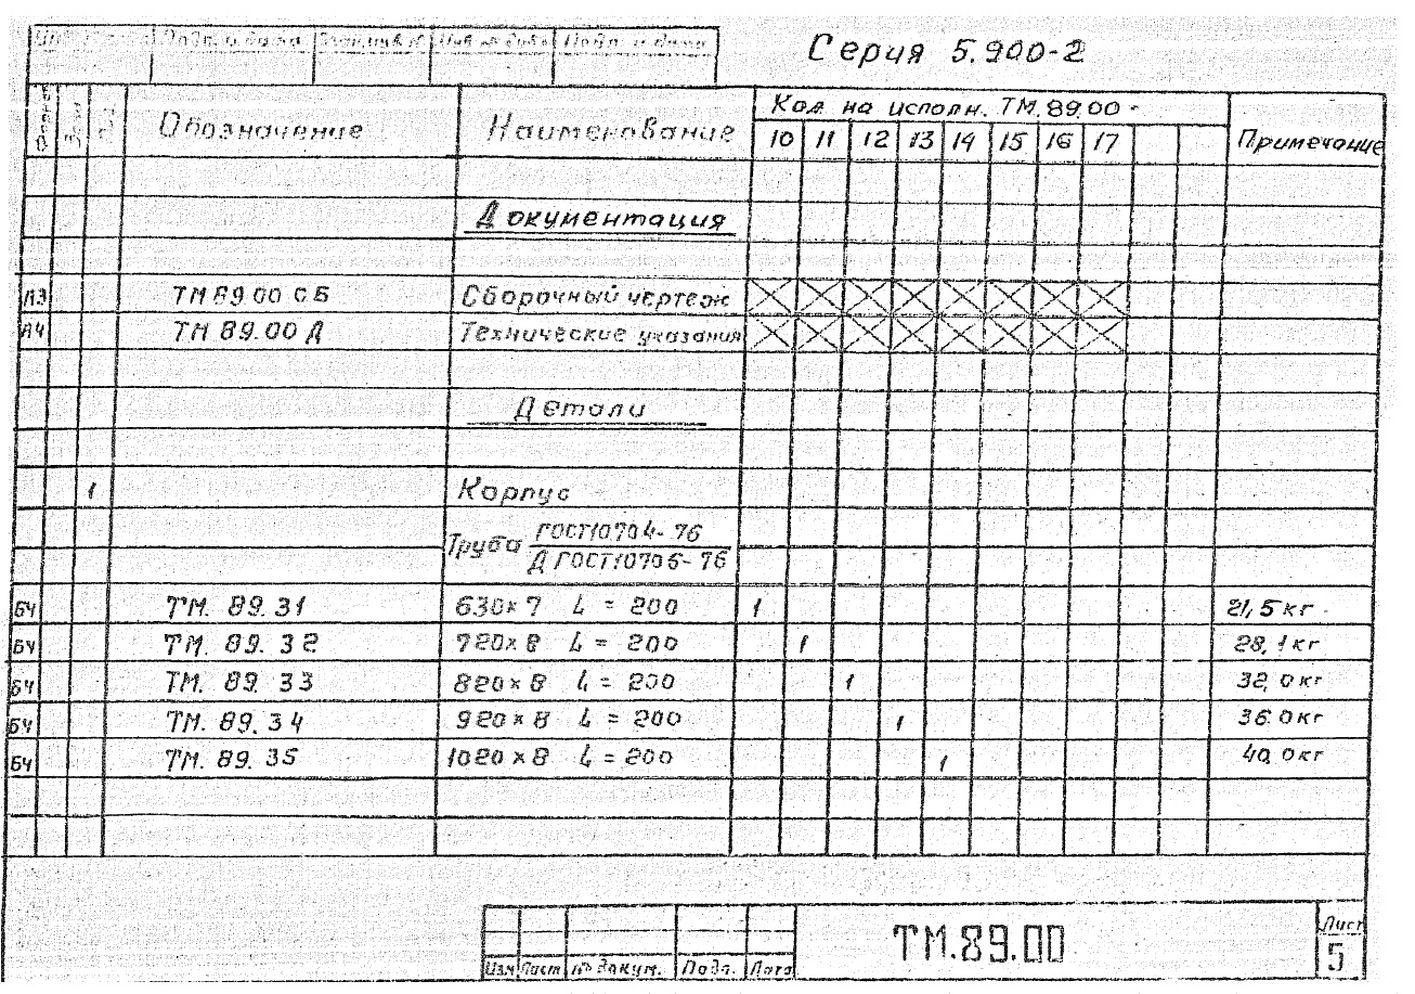 Сальники набивные ТМ.89.00 серия 5.900-2 стр.6